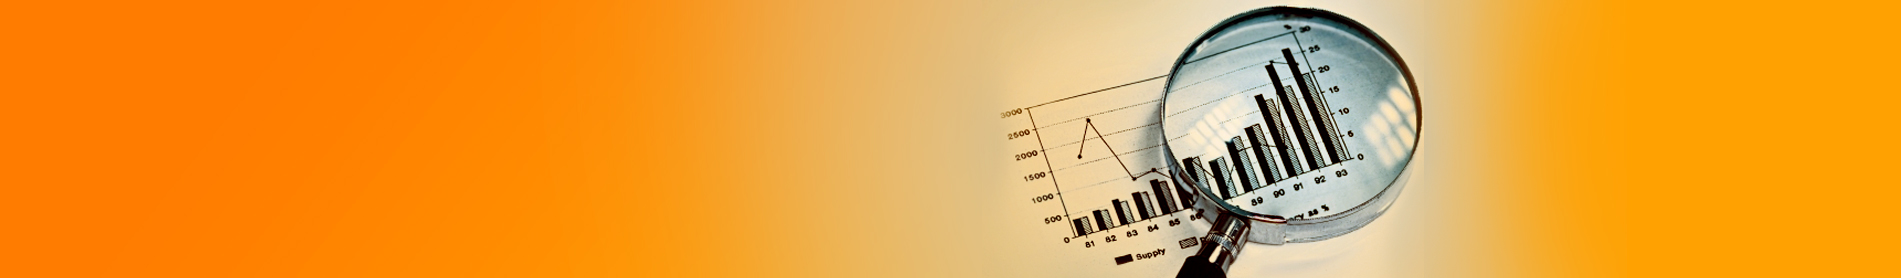 [:pl]wykres[:en]graph